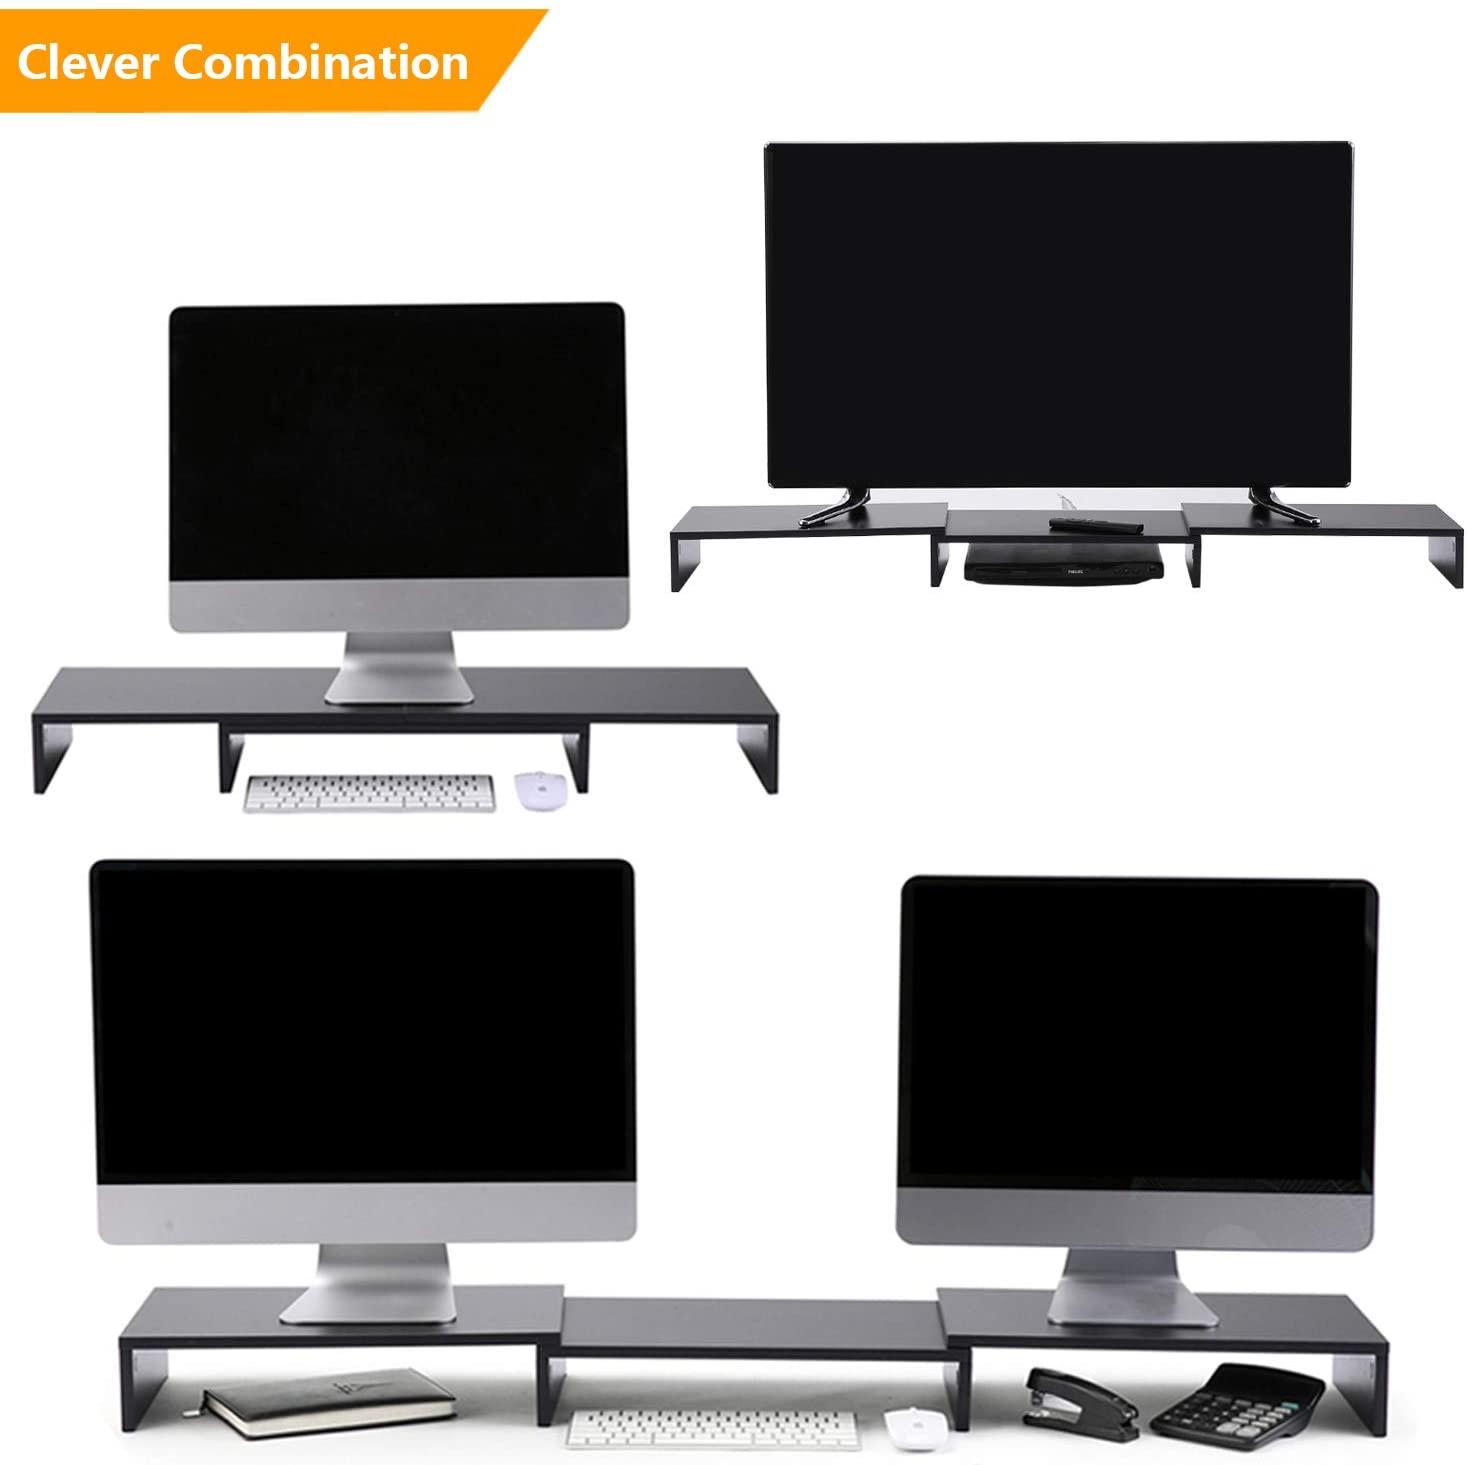 5Rcom Dual Monitor Stand 3 Shelves Desk Riser